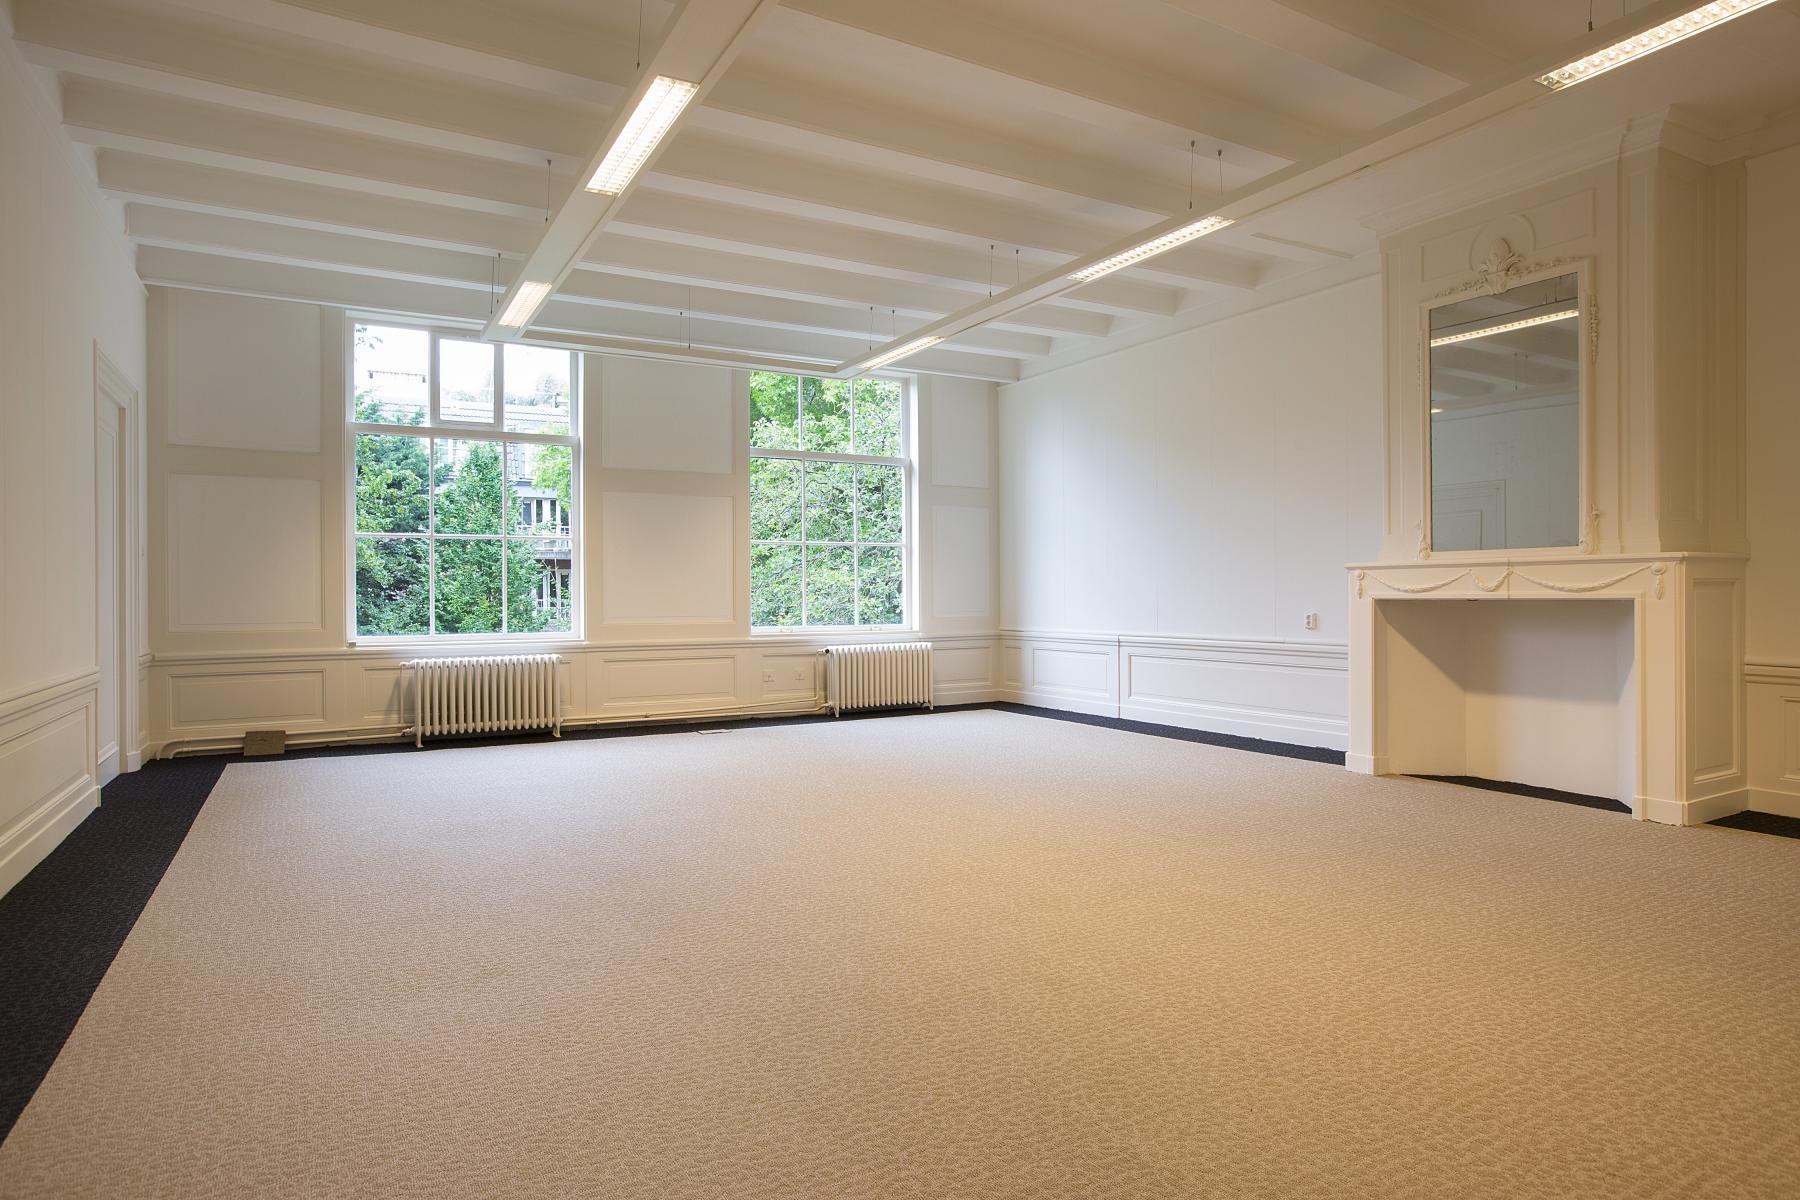 kantoorunit te huur herengracht amsterdam haard wit